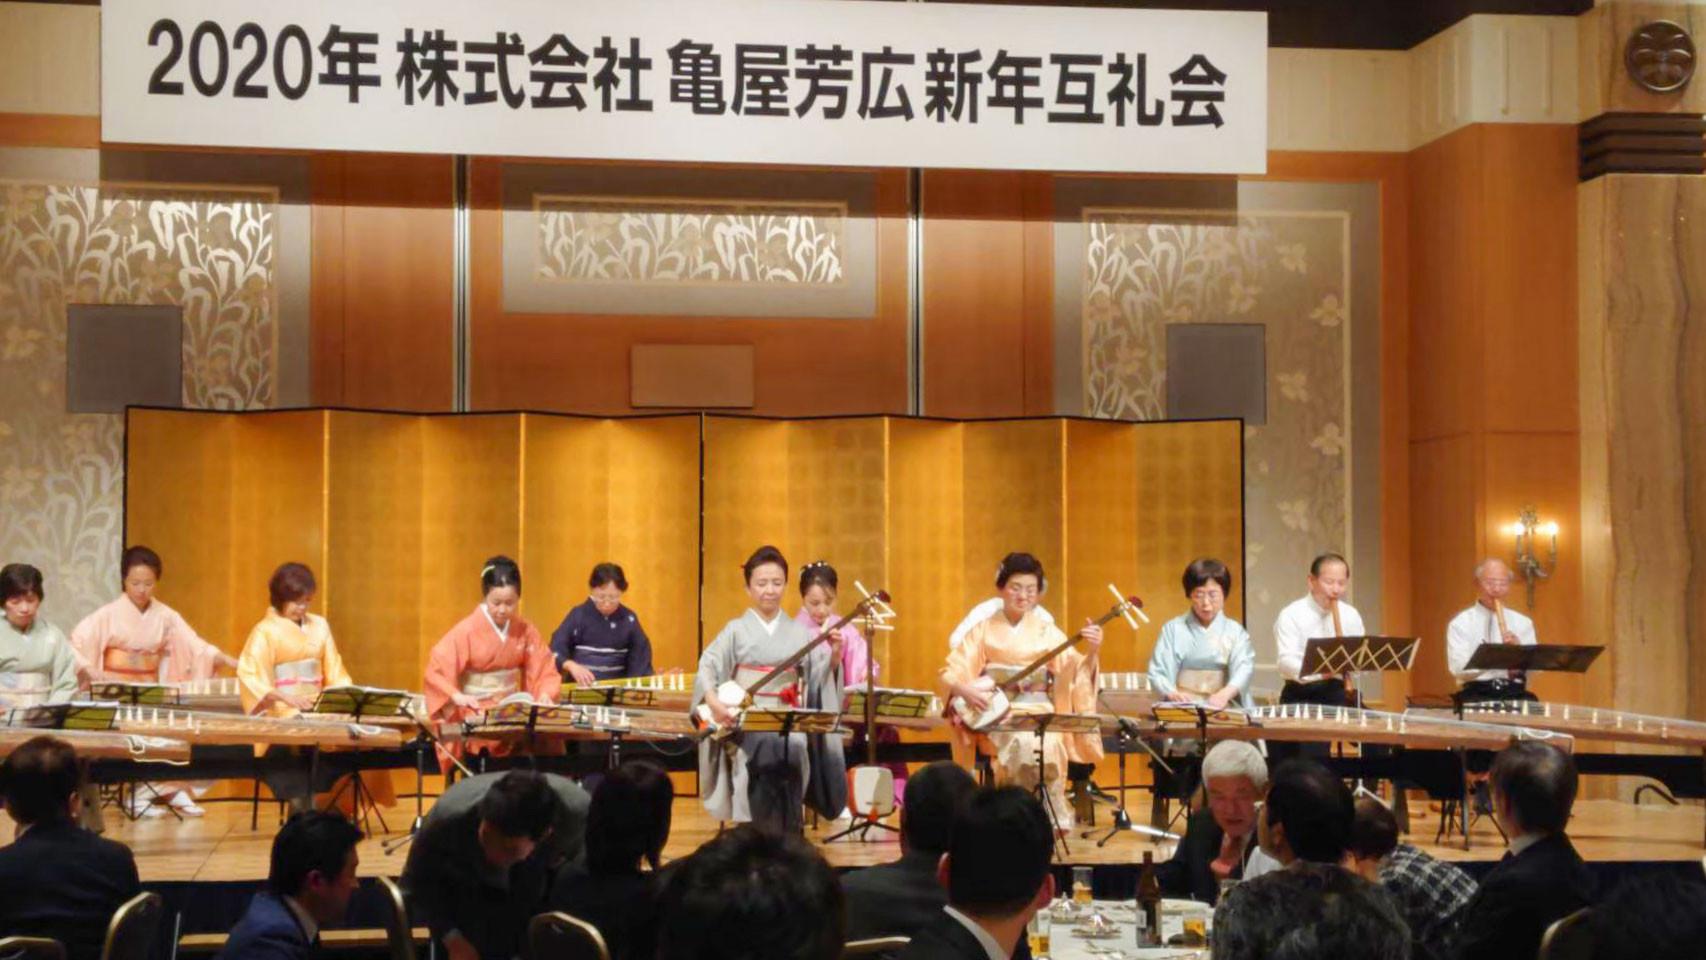 亀屋芳広新年互礼会(グランコート金山)(2020年)